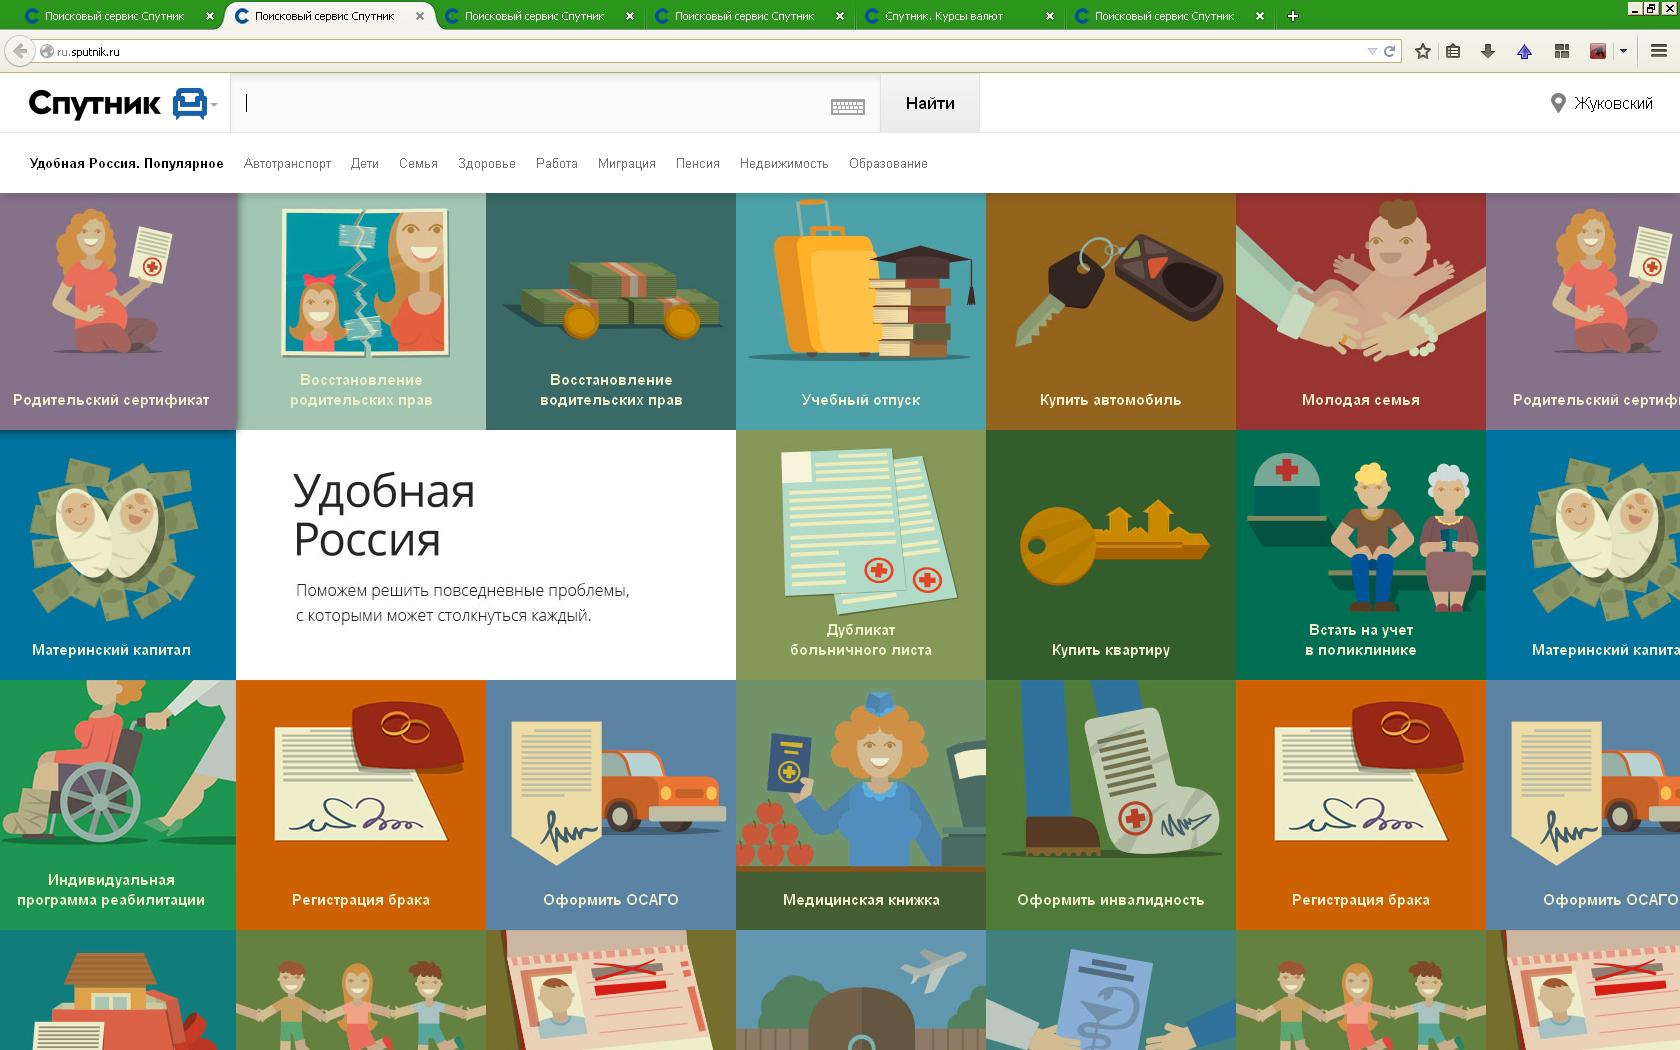 Поисковик Спутник, удобная Россия, госуслуги